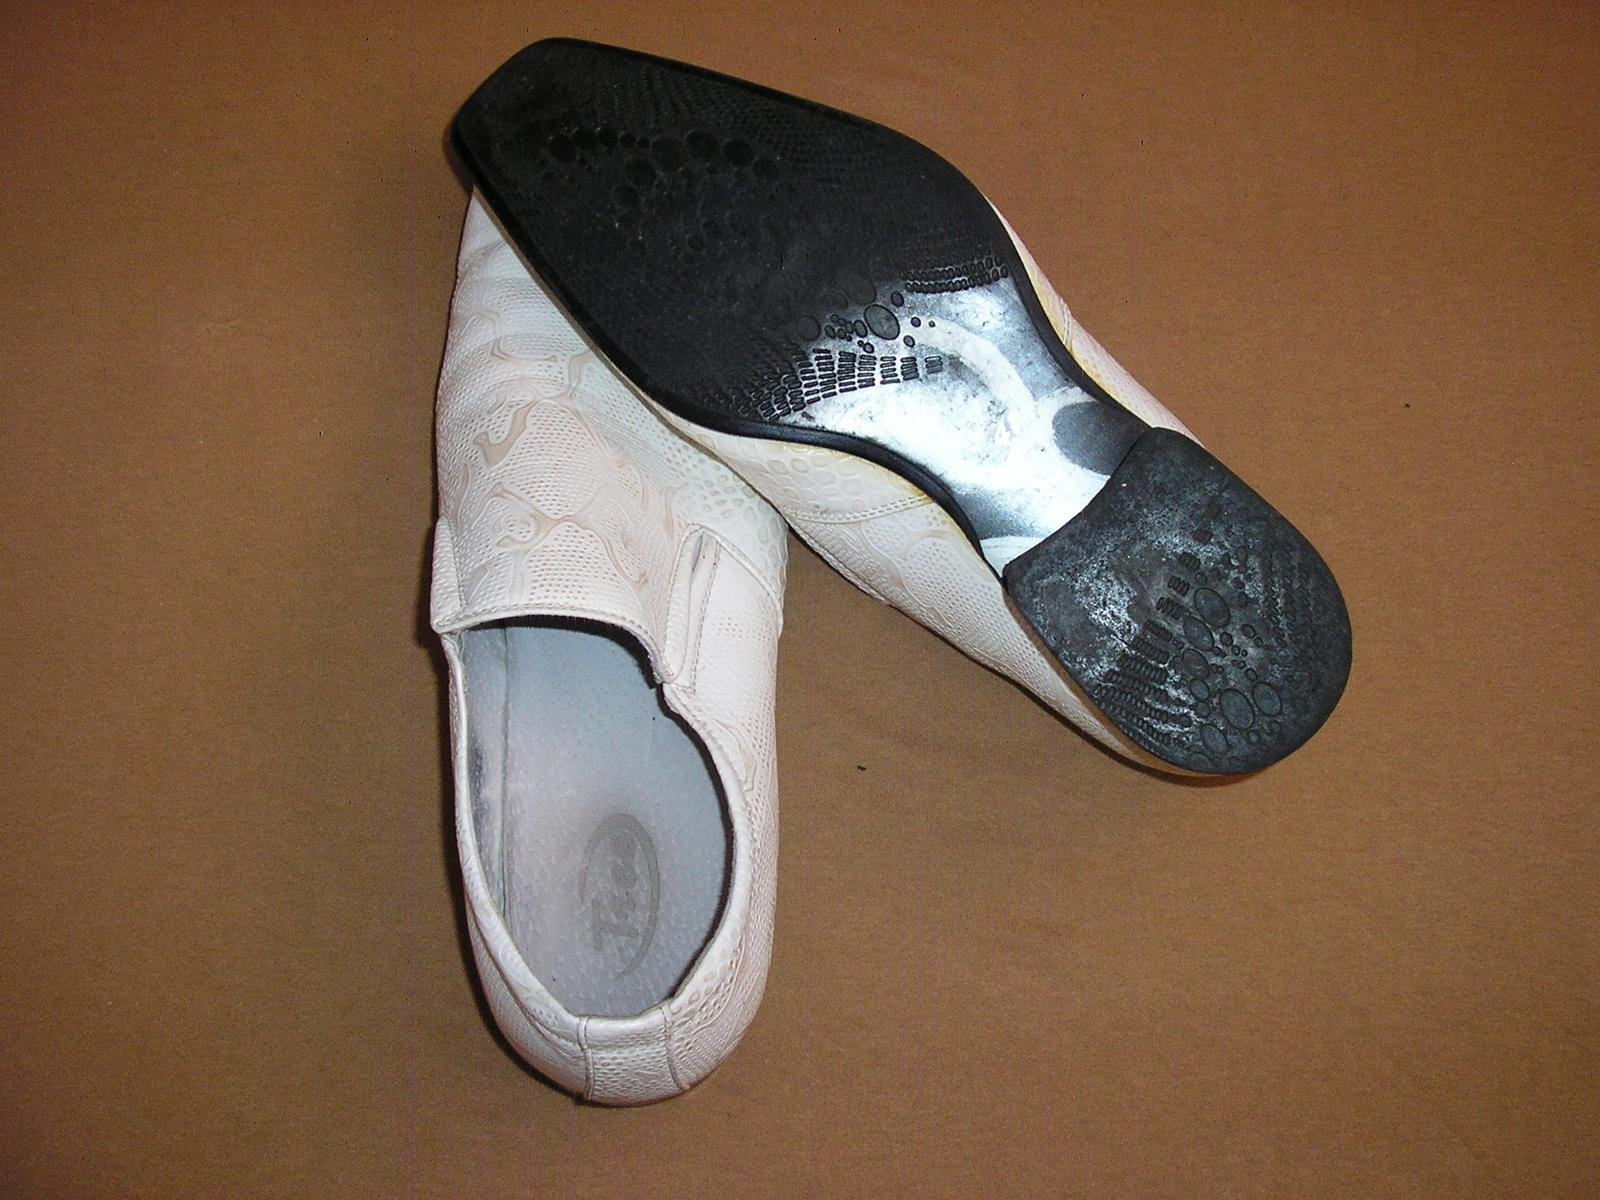 1524. TICO Pánske kož. topánky č. 41 - Obrázok č. 2